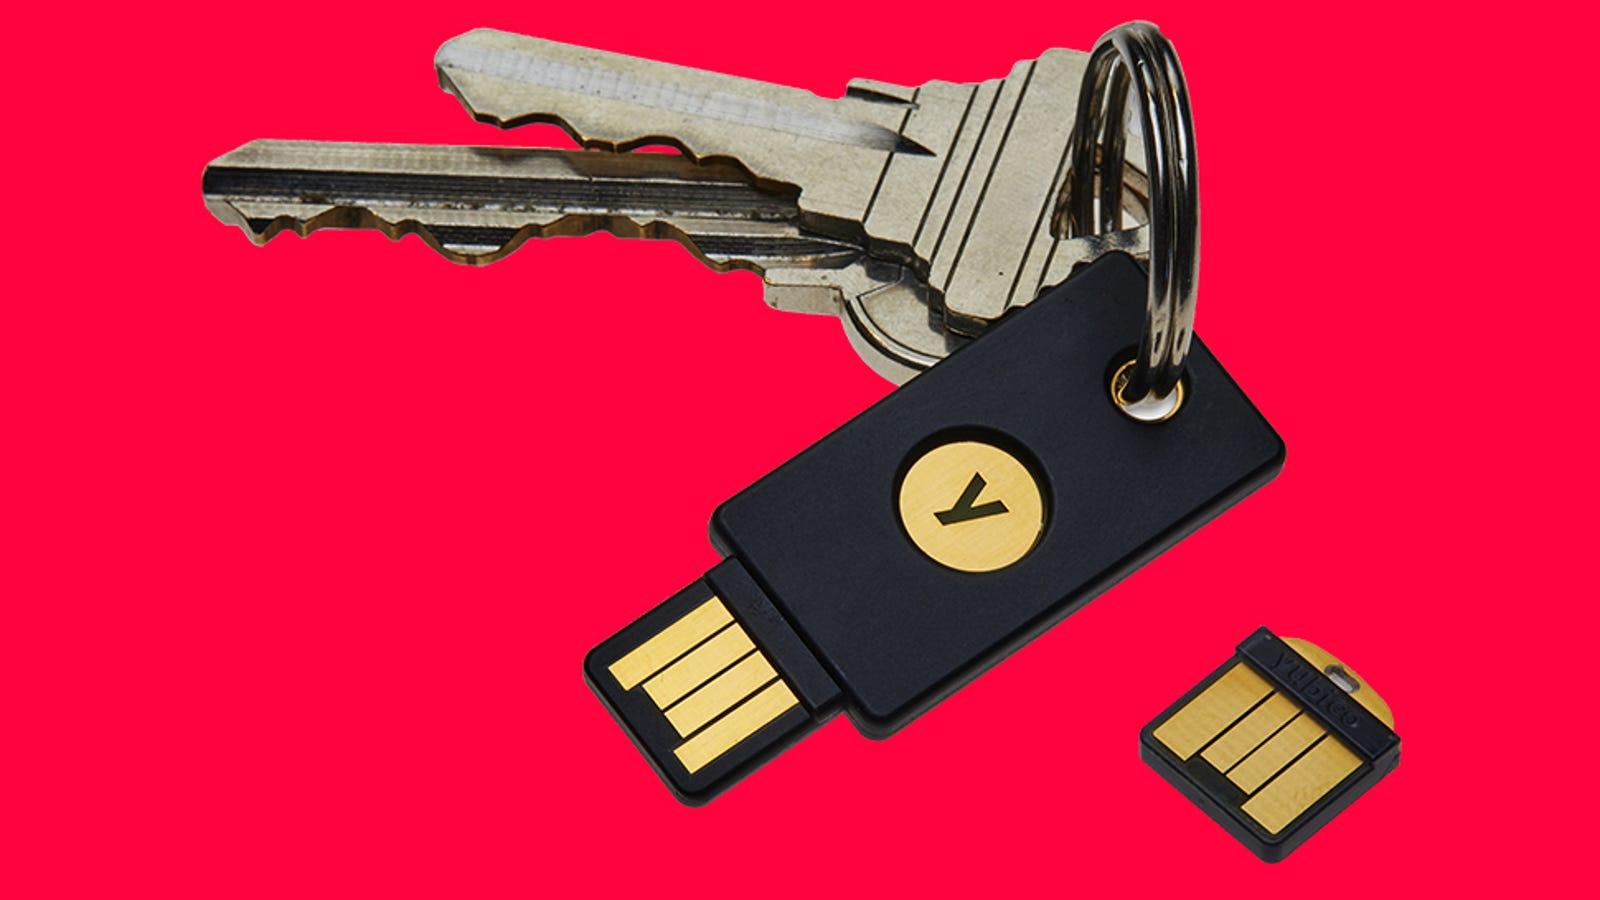 El secreto de los empleados de Google para nunca ser infectados es usar claves de seguridad física